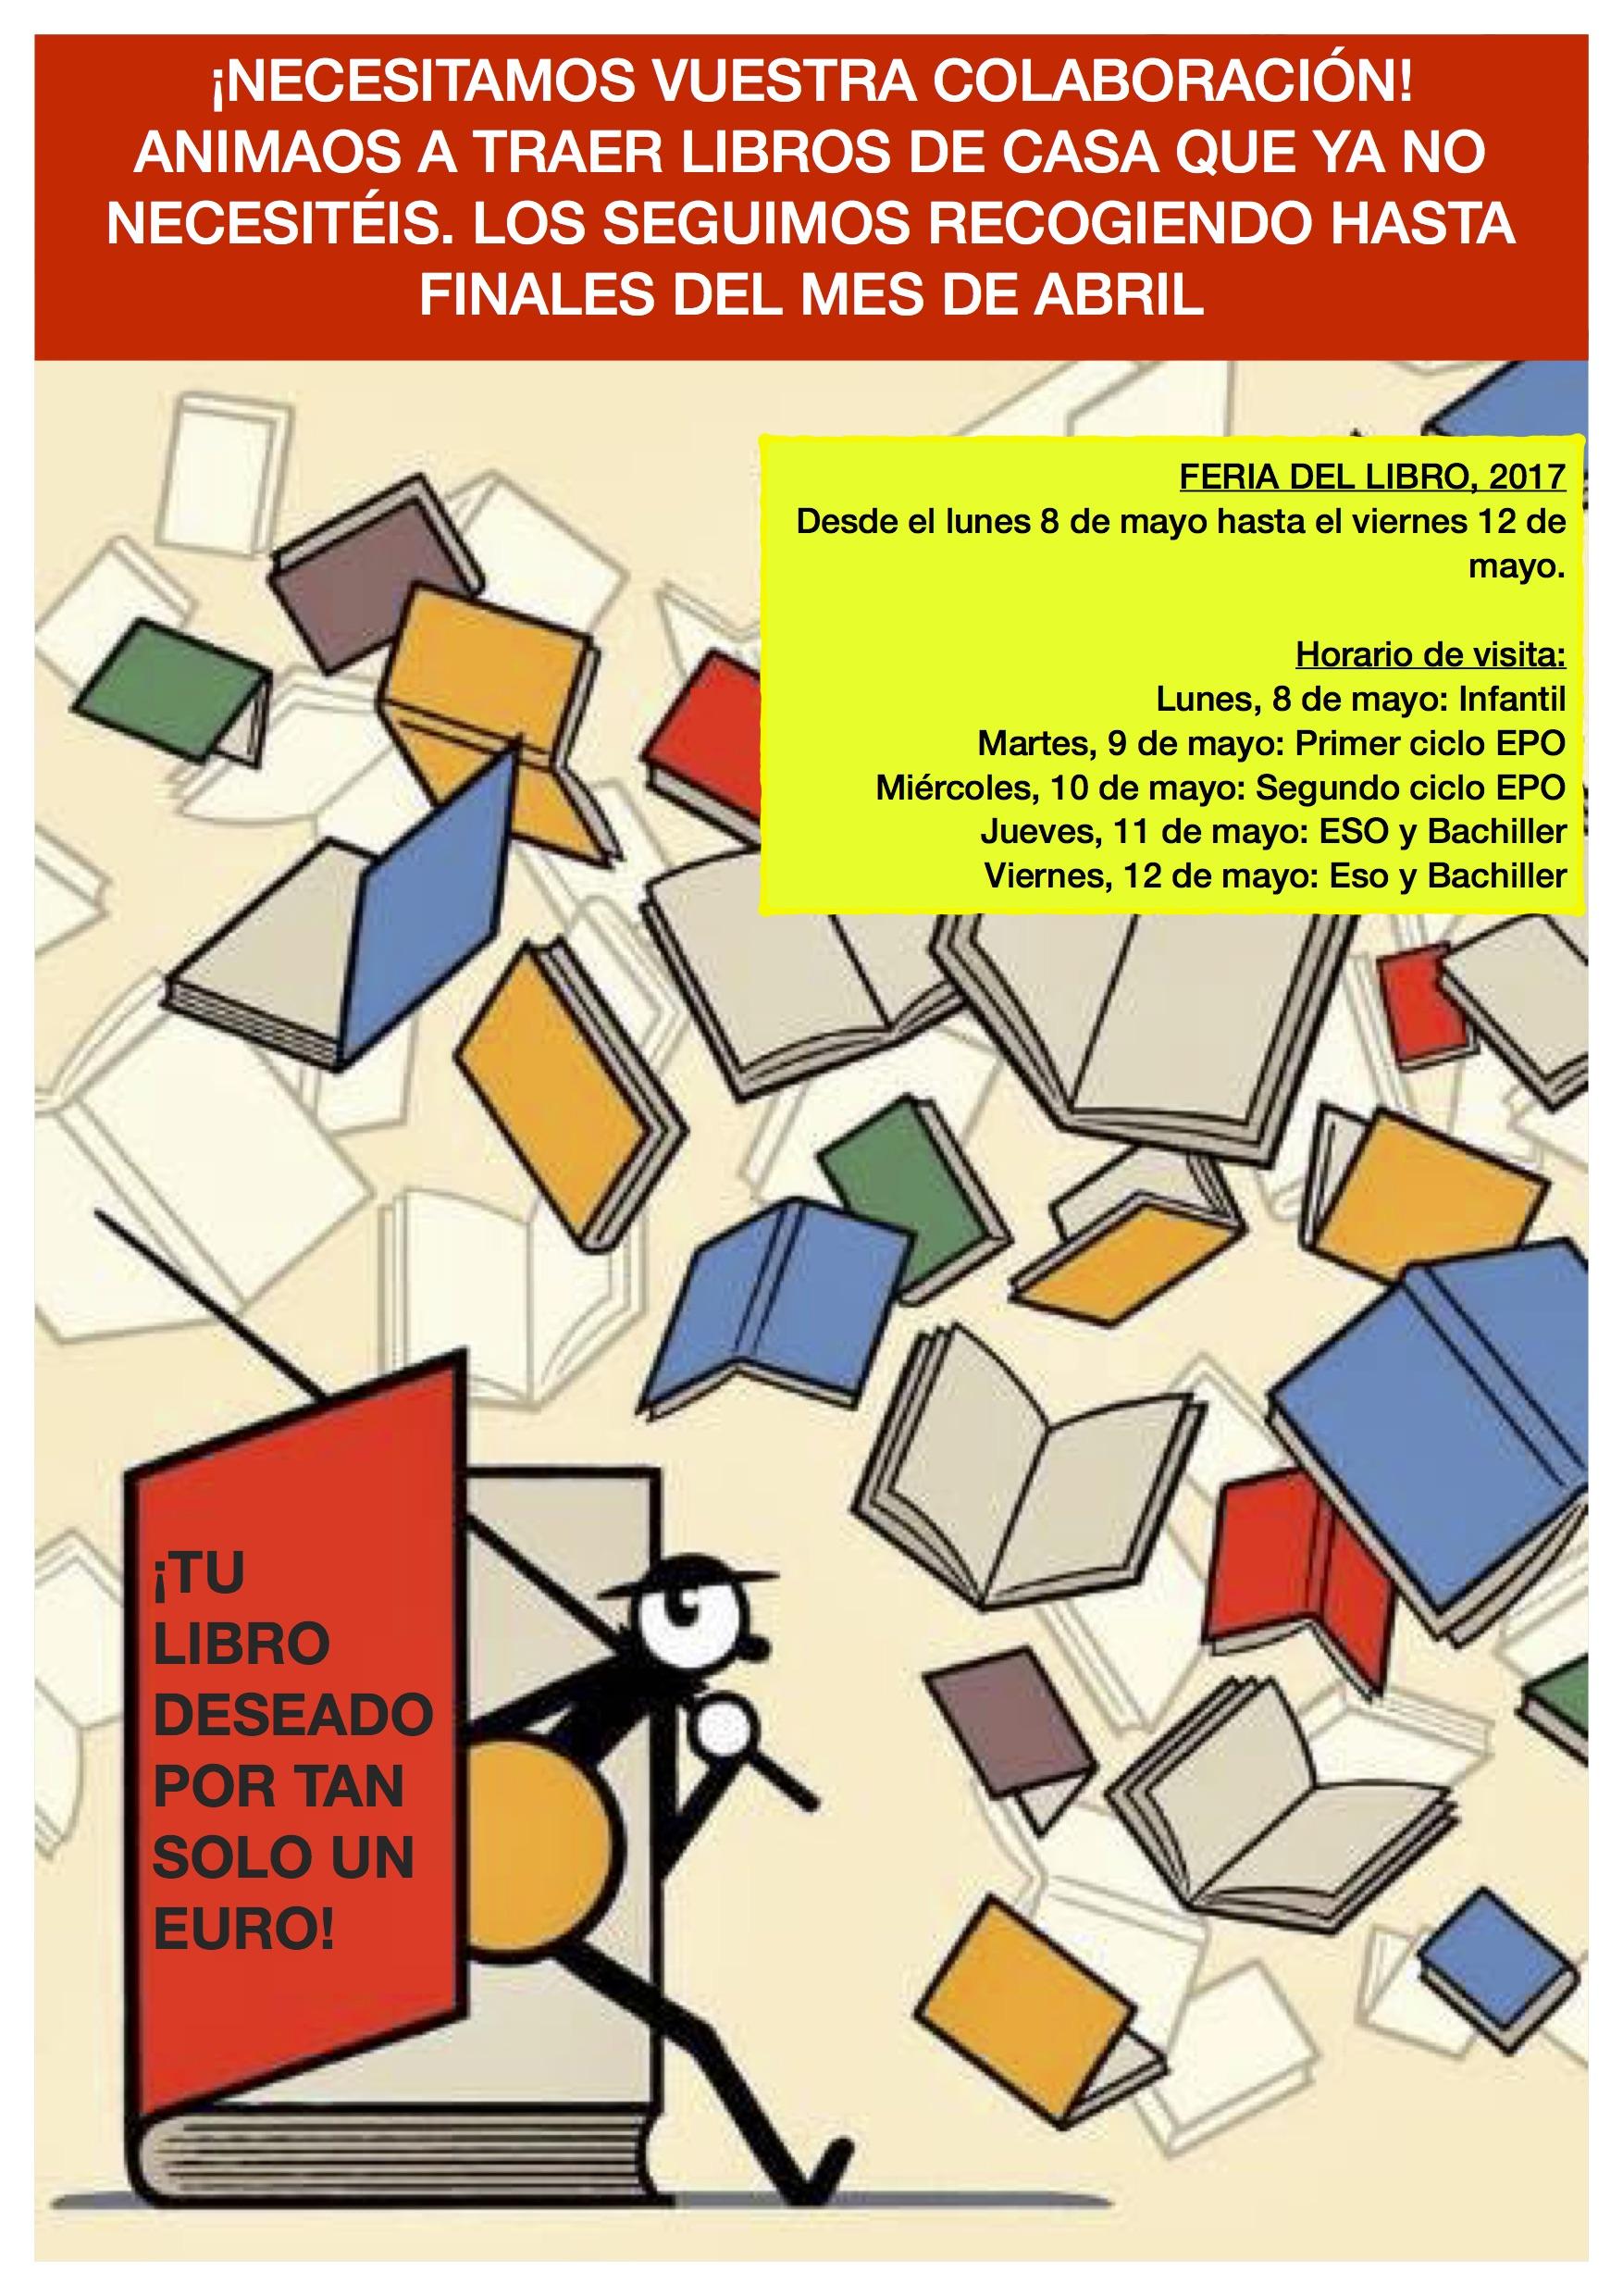 24 04 2017 publicidad circular feria del libro